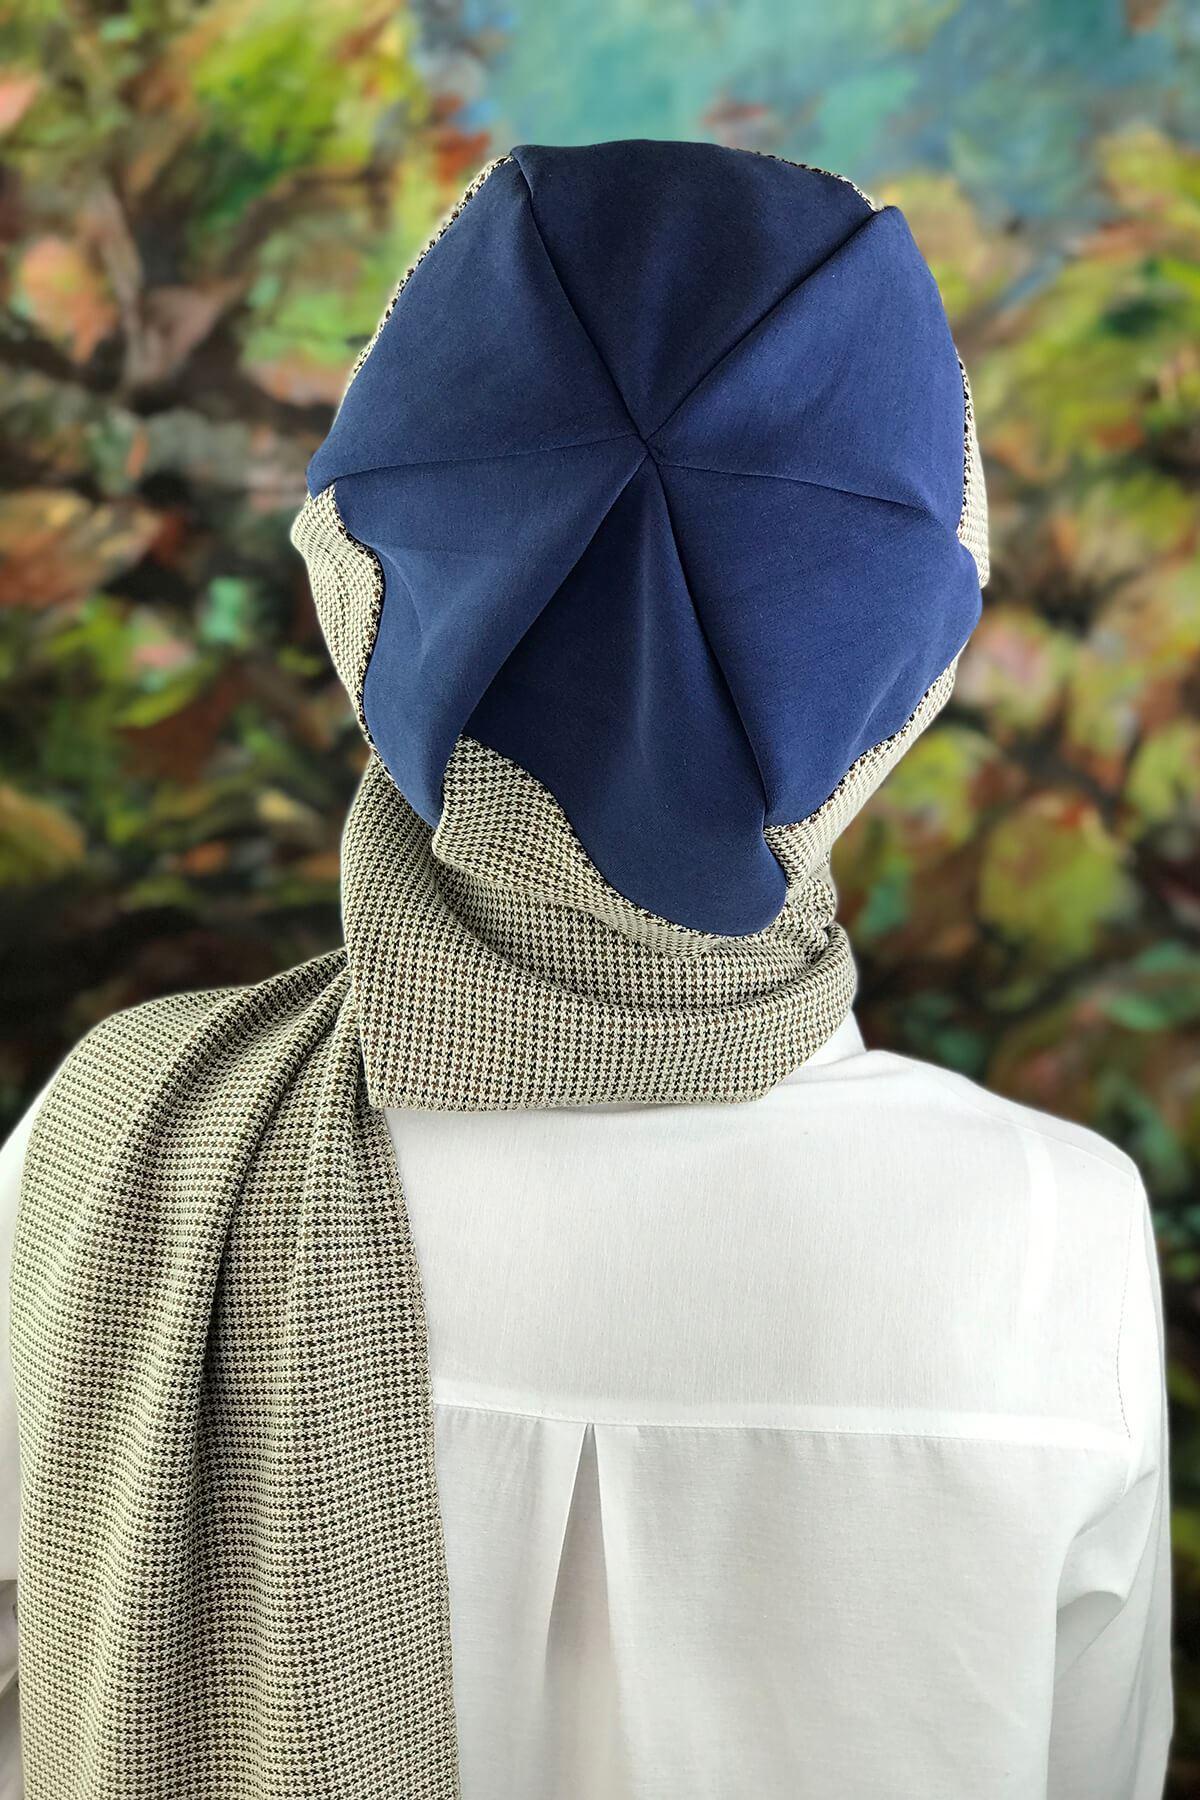 Lacivert Atkılı Tesettür Şapka